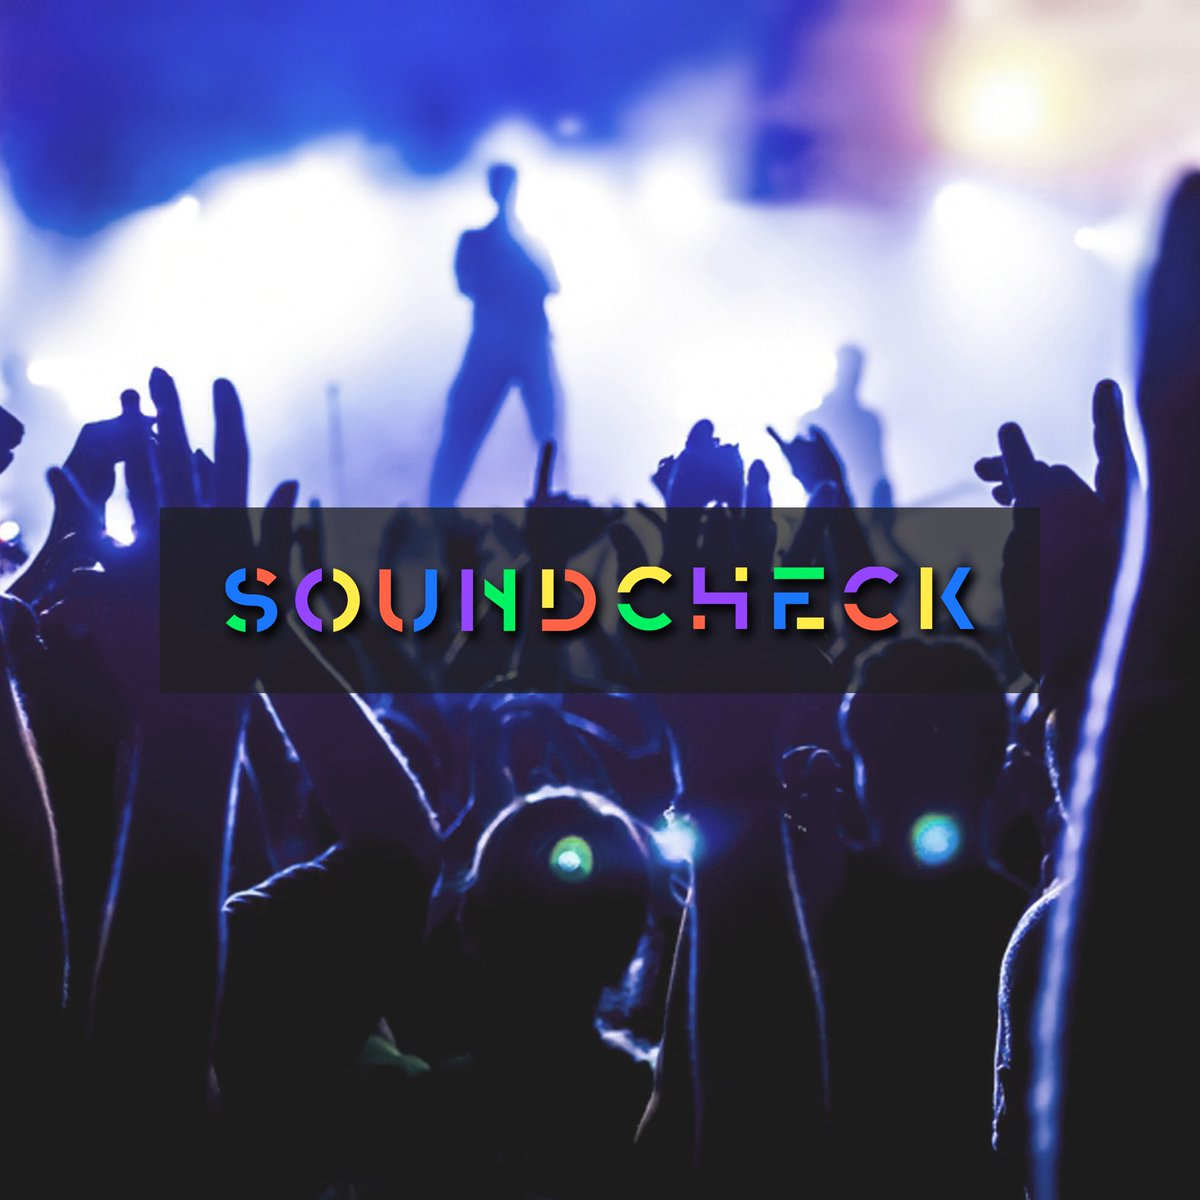 第2回SOUNDCHECK MUSIC CONTEST絶賛エントリー募集中🏆3月11日までに自慢の一曲を投稿して優勝すると賞金50万円とRolandから最新のシンセをプレゼントとしてゲットできます👀🔥日本の音楽シーンに新たな風を吹き込むチャンス🤩今すぐ登録! https://t.co/ew56FcvQtT #soundcheckjp #soundcheckcontest https://t.co/rfZwnD2fJr